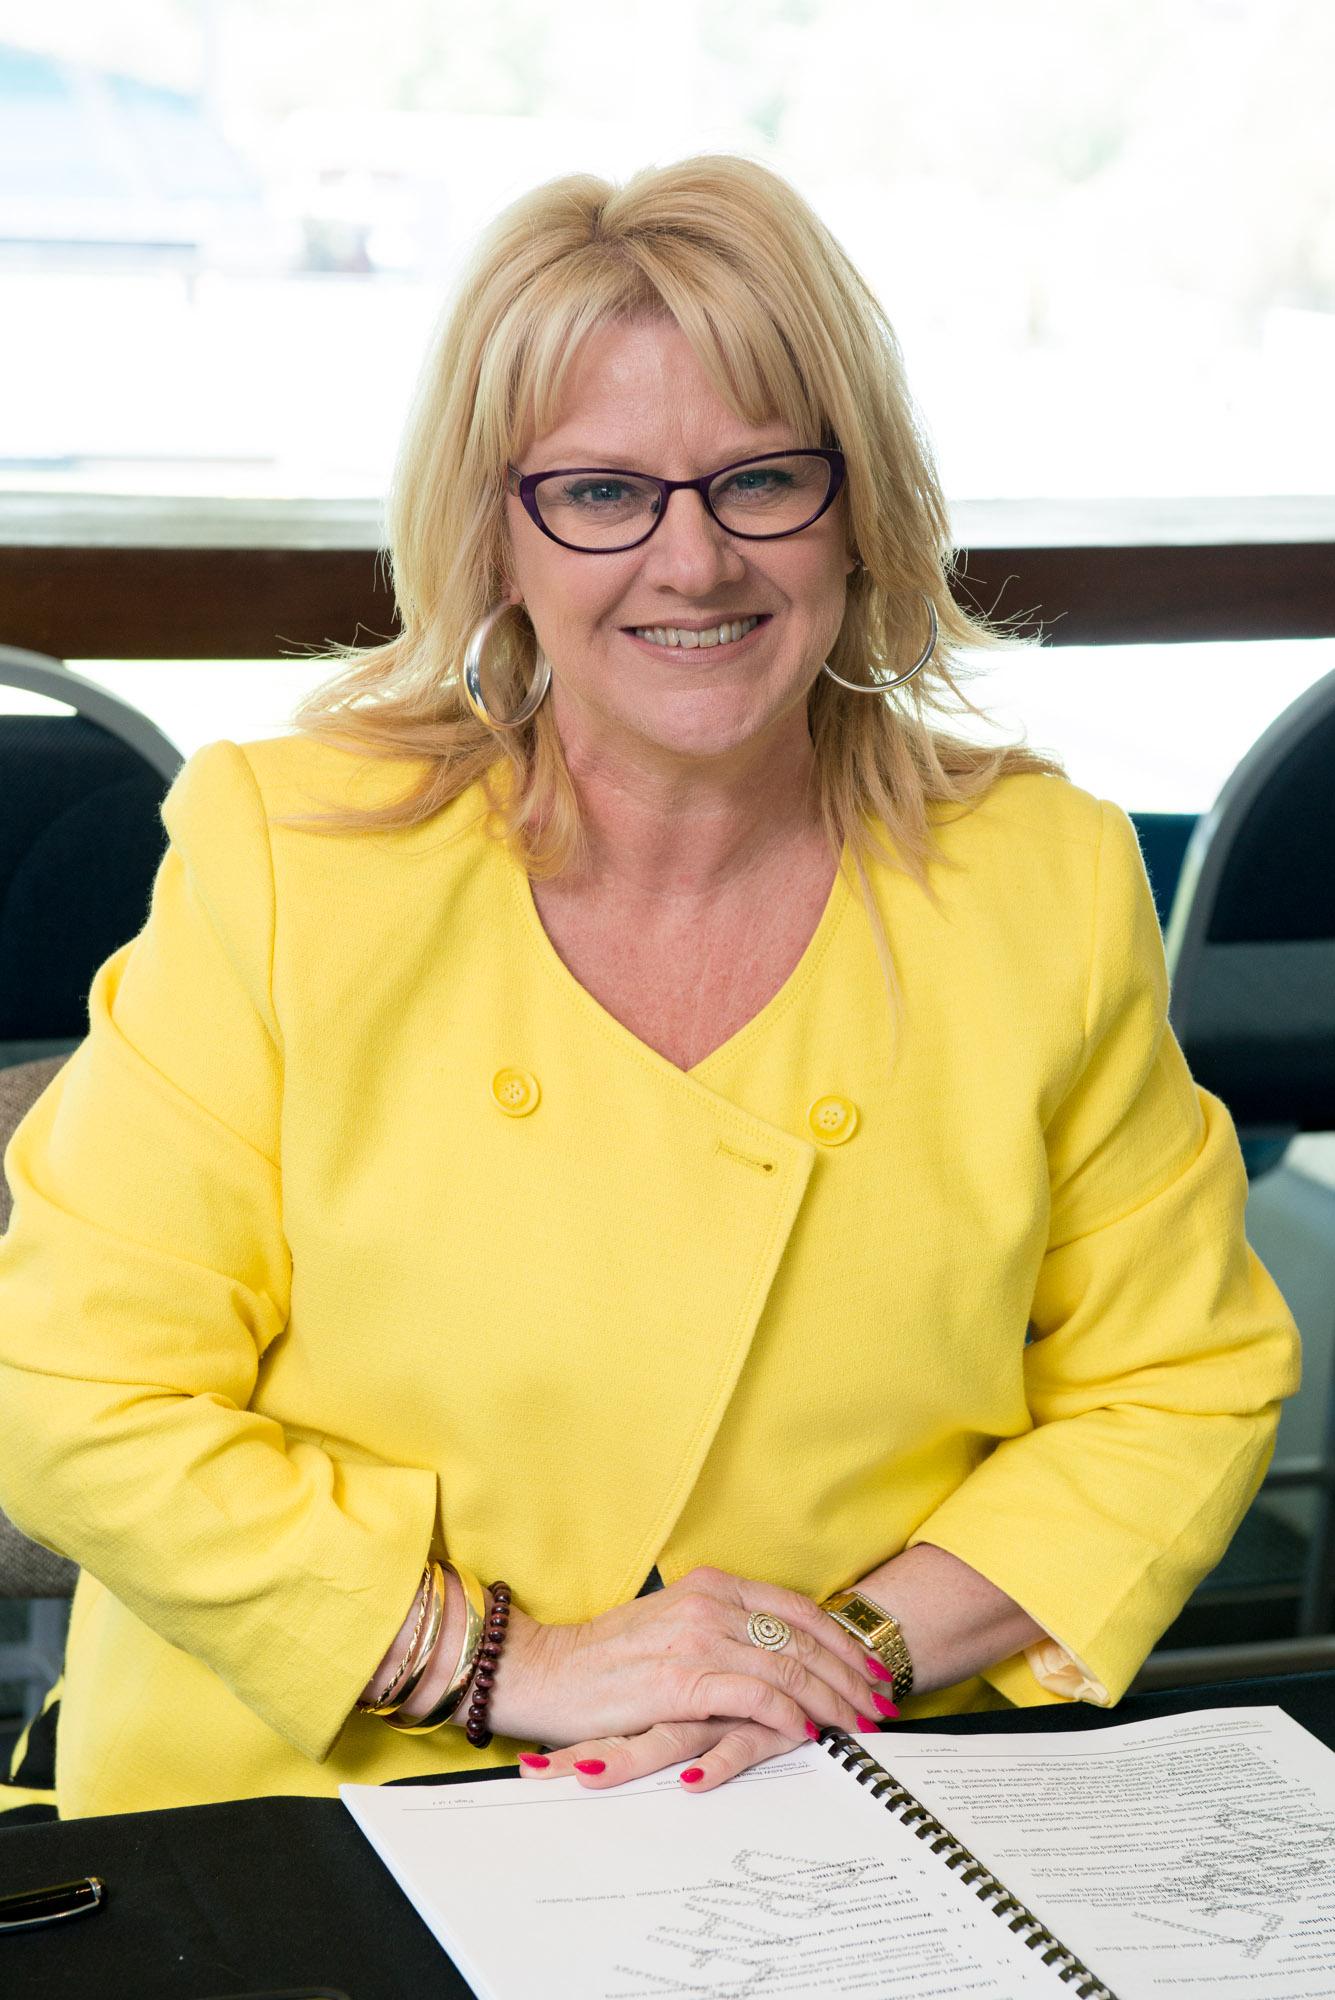 Vicki Tiegs